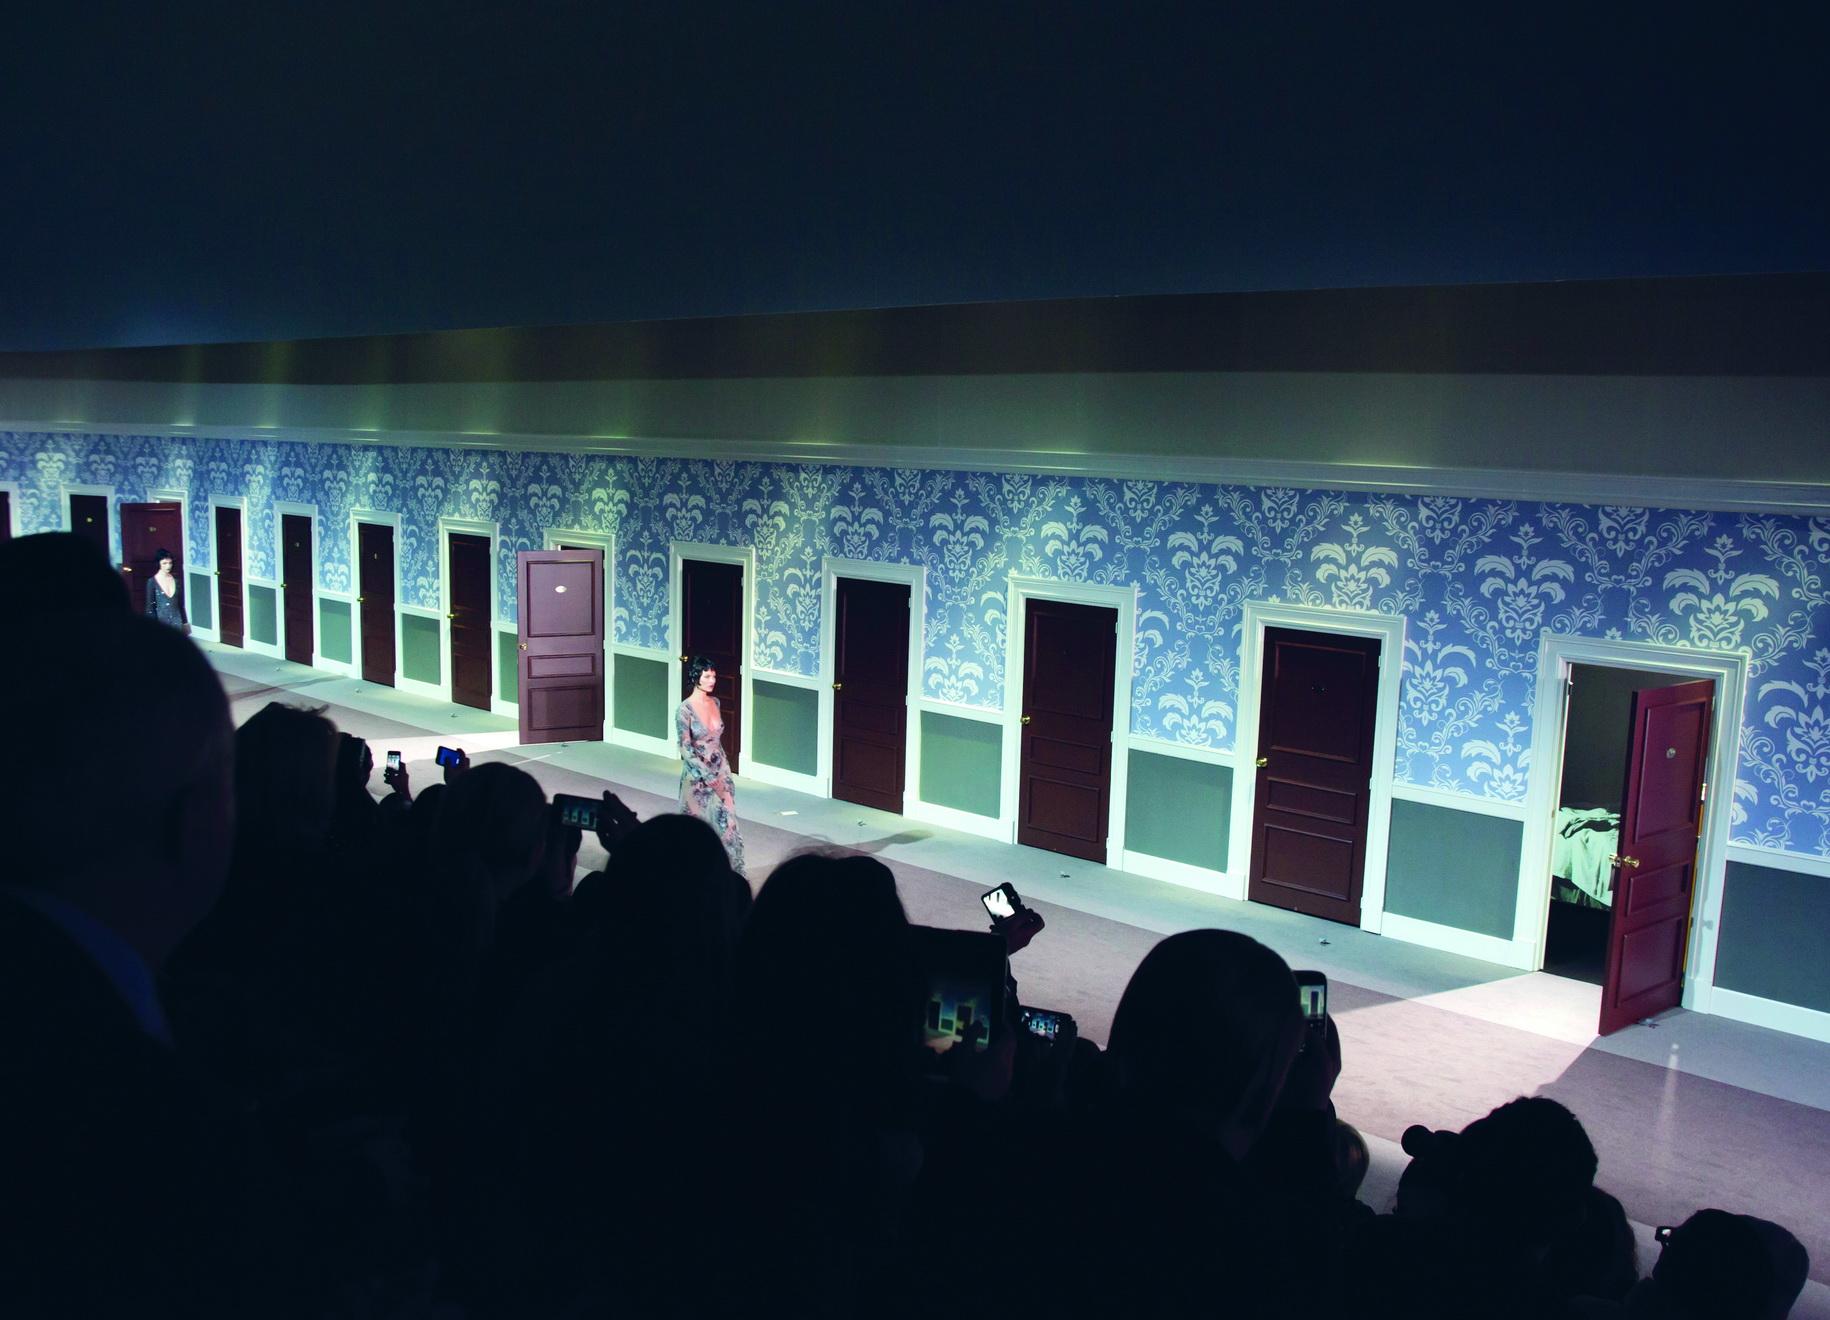 Louis Vuitton <br/>Show diễn của Louis Vuitton luôn là một cái kết ngọt ngào và đầy bất ngờ của Tuần lễ thời trang Paris. Marc Jacobs tạo ra một không gian và BST đầy hoài cổ, sàn catwalk mô phỏng hành lang của khách sạn. Bí ẩn y như thế giới của những người phụ nữ!